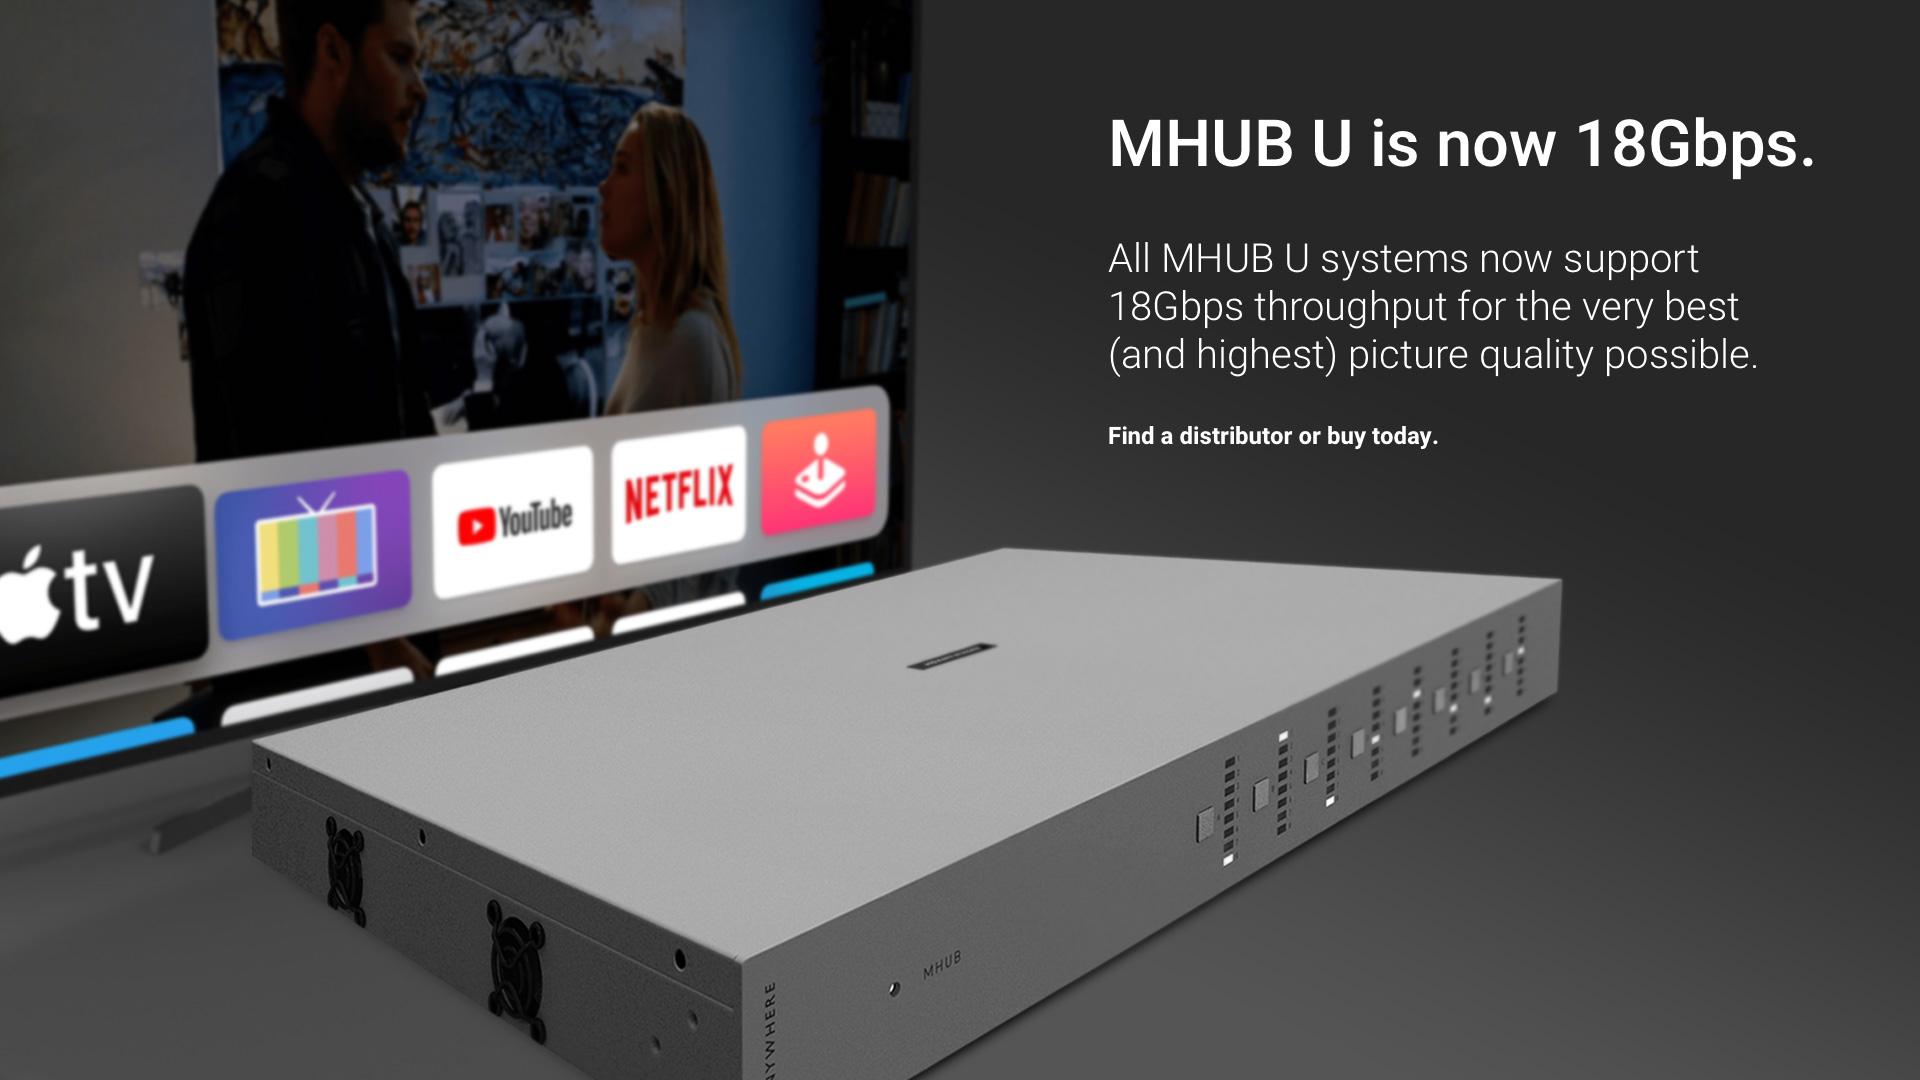 MHUB U